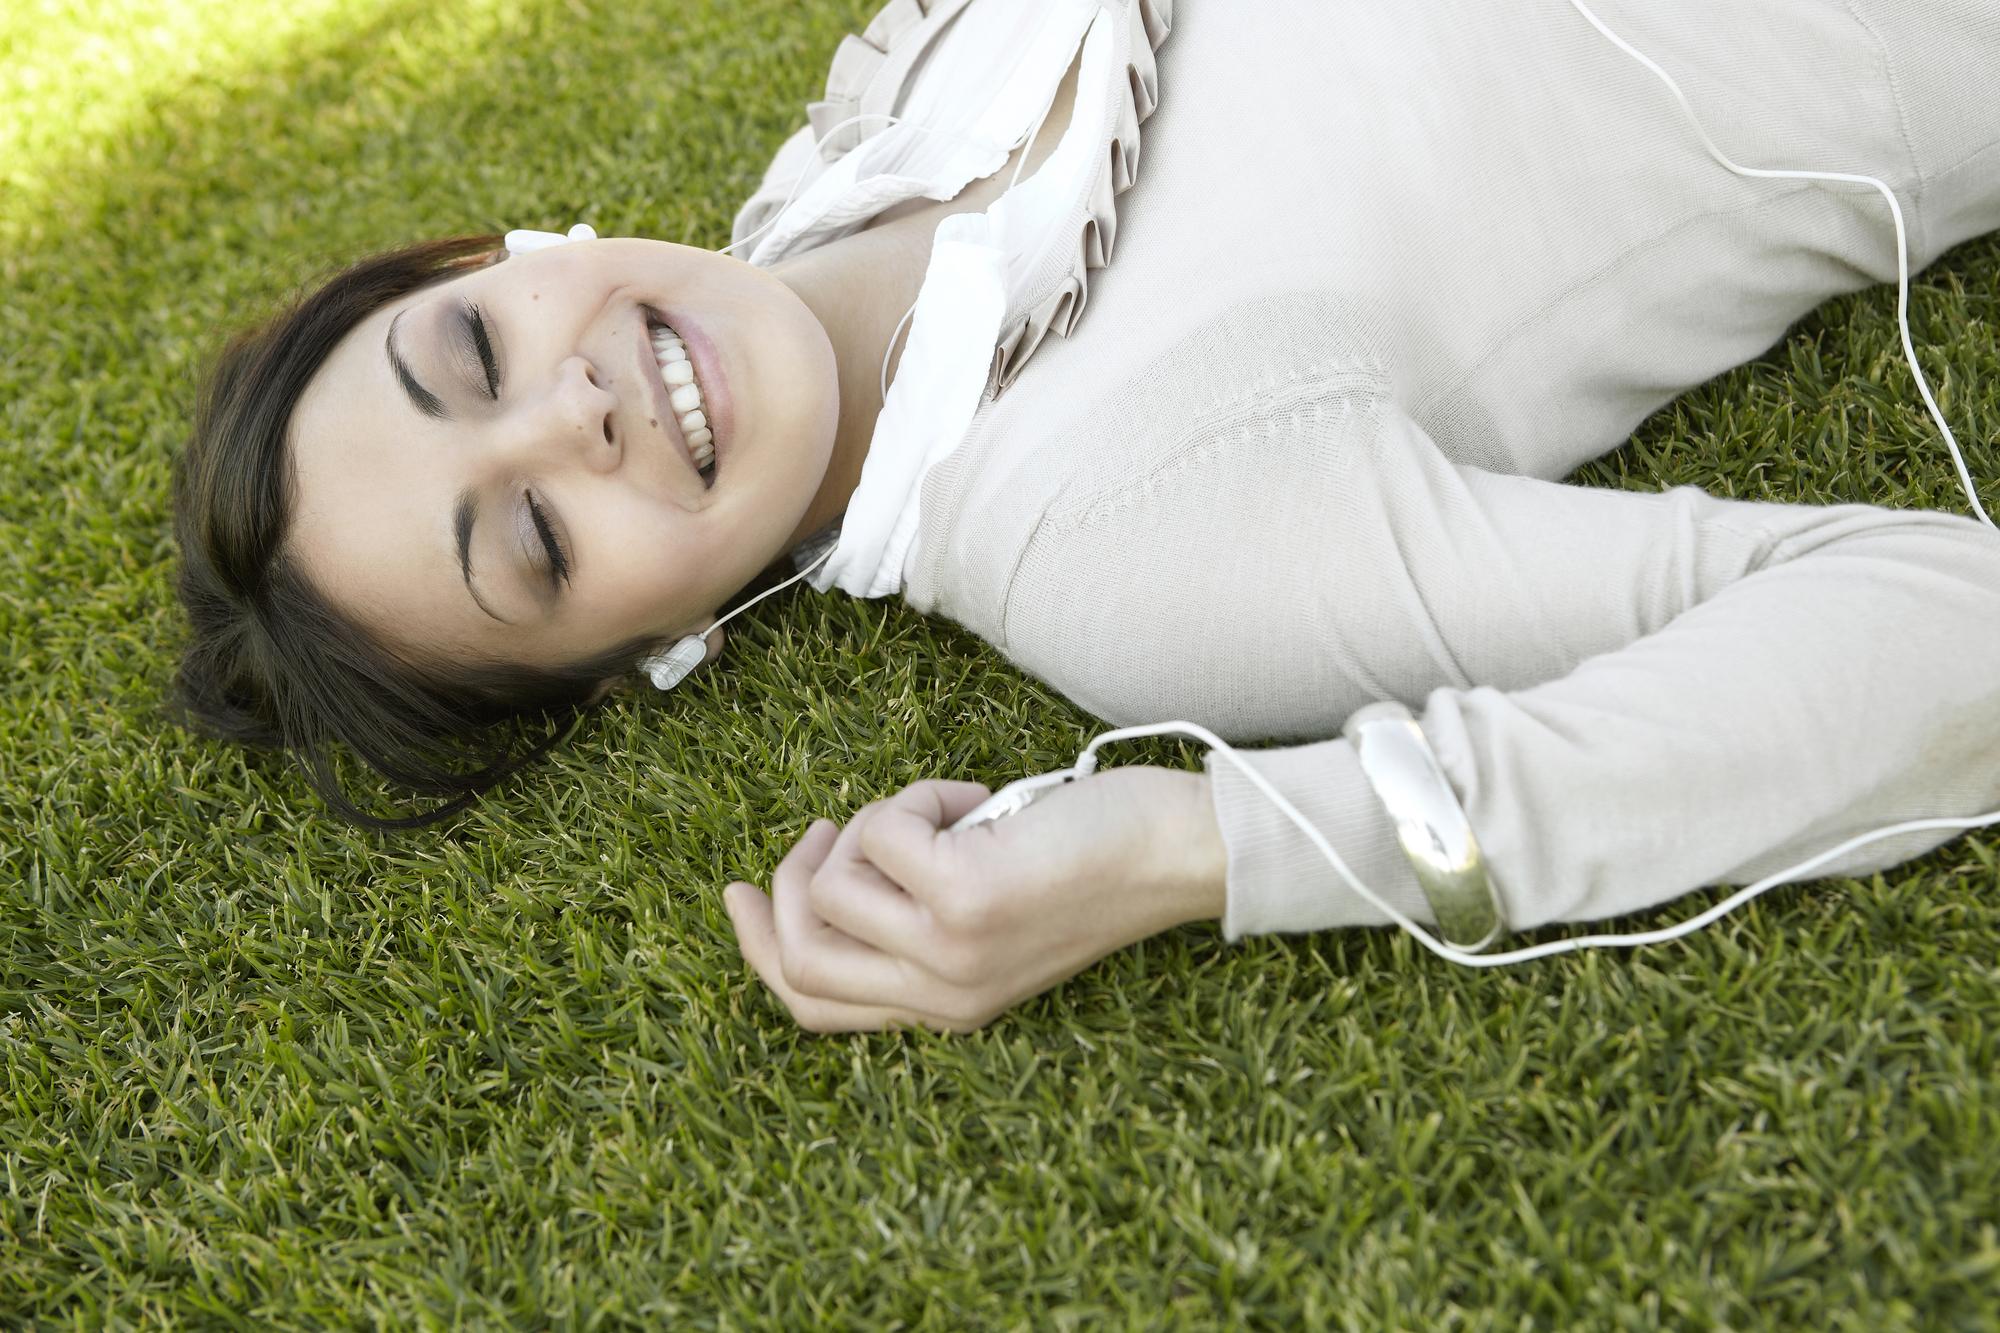 Шесть бесплатных приложений, которые тренируют... счастье